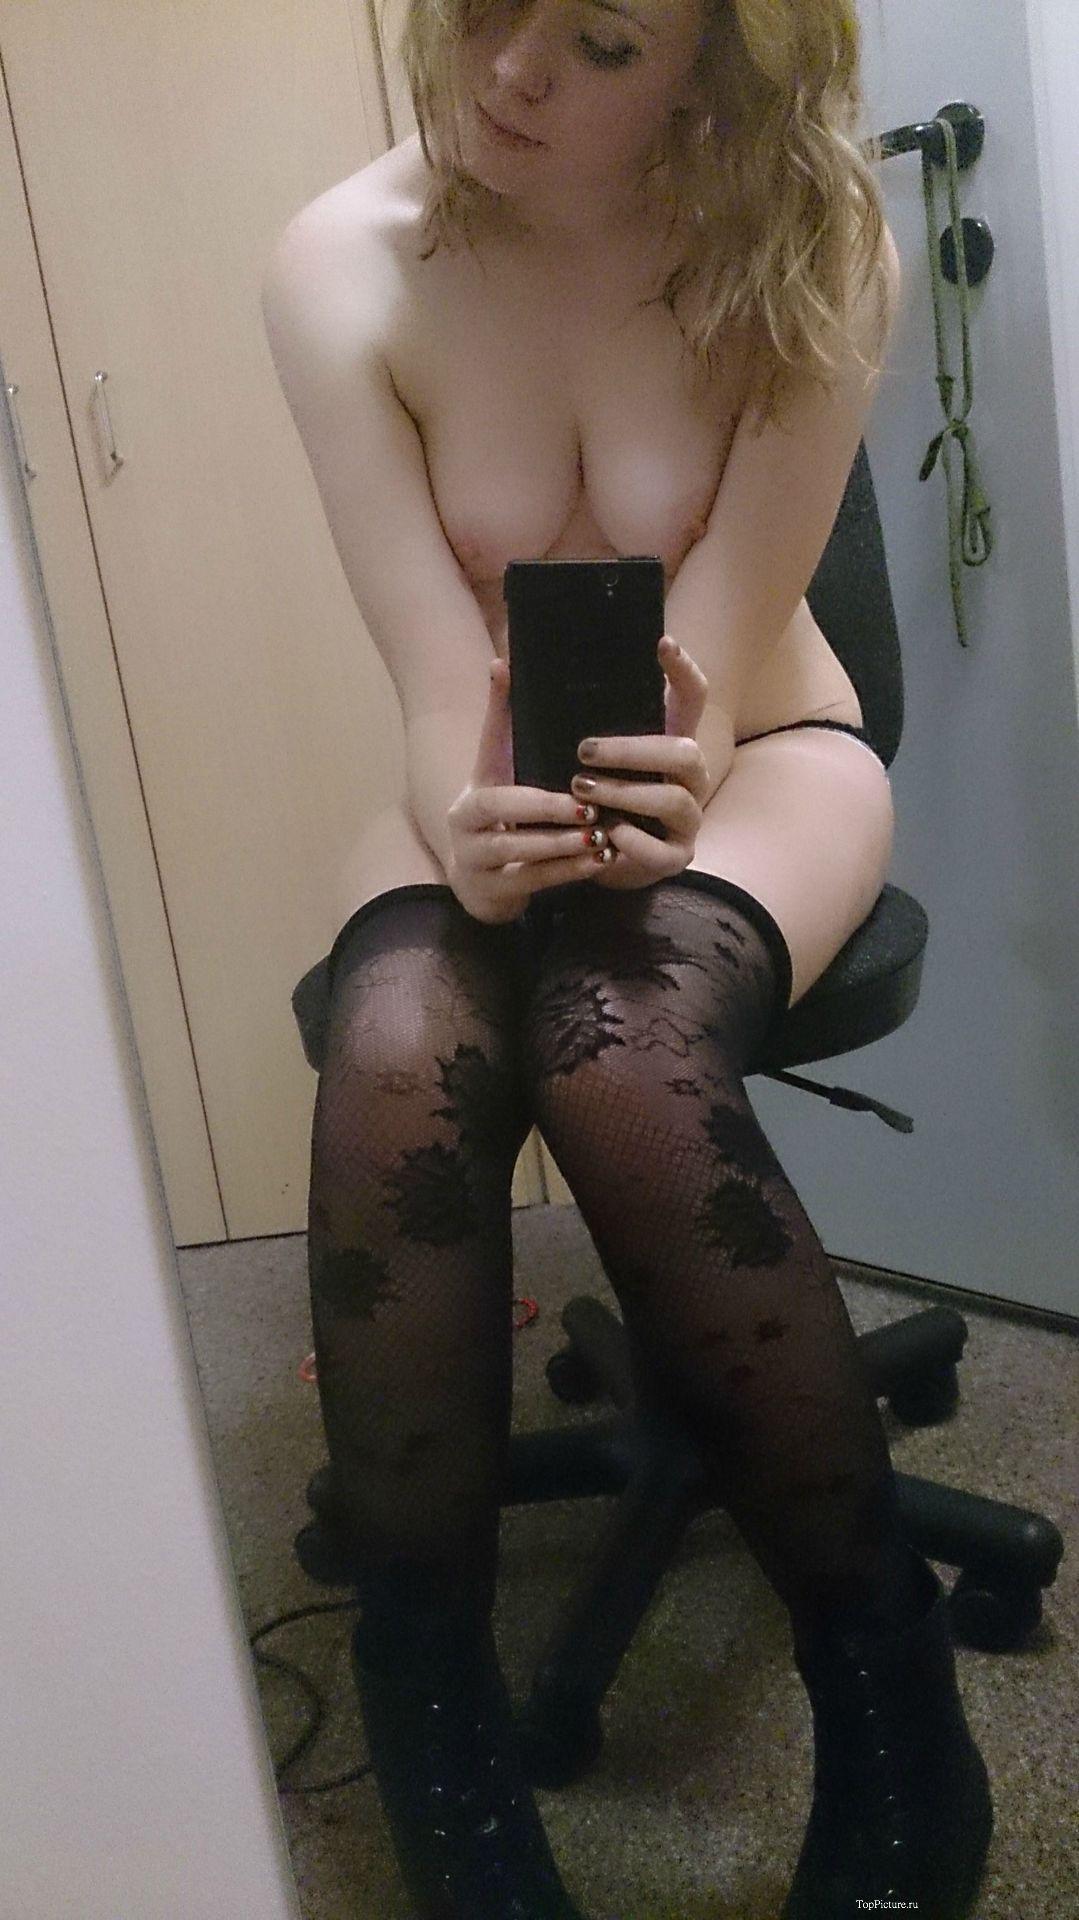 Голые пилотки тёлок в домашних условиях секс фото и порно фото